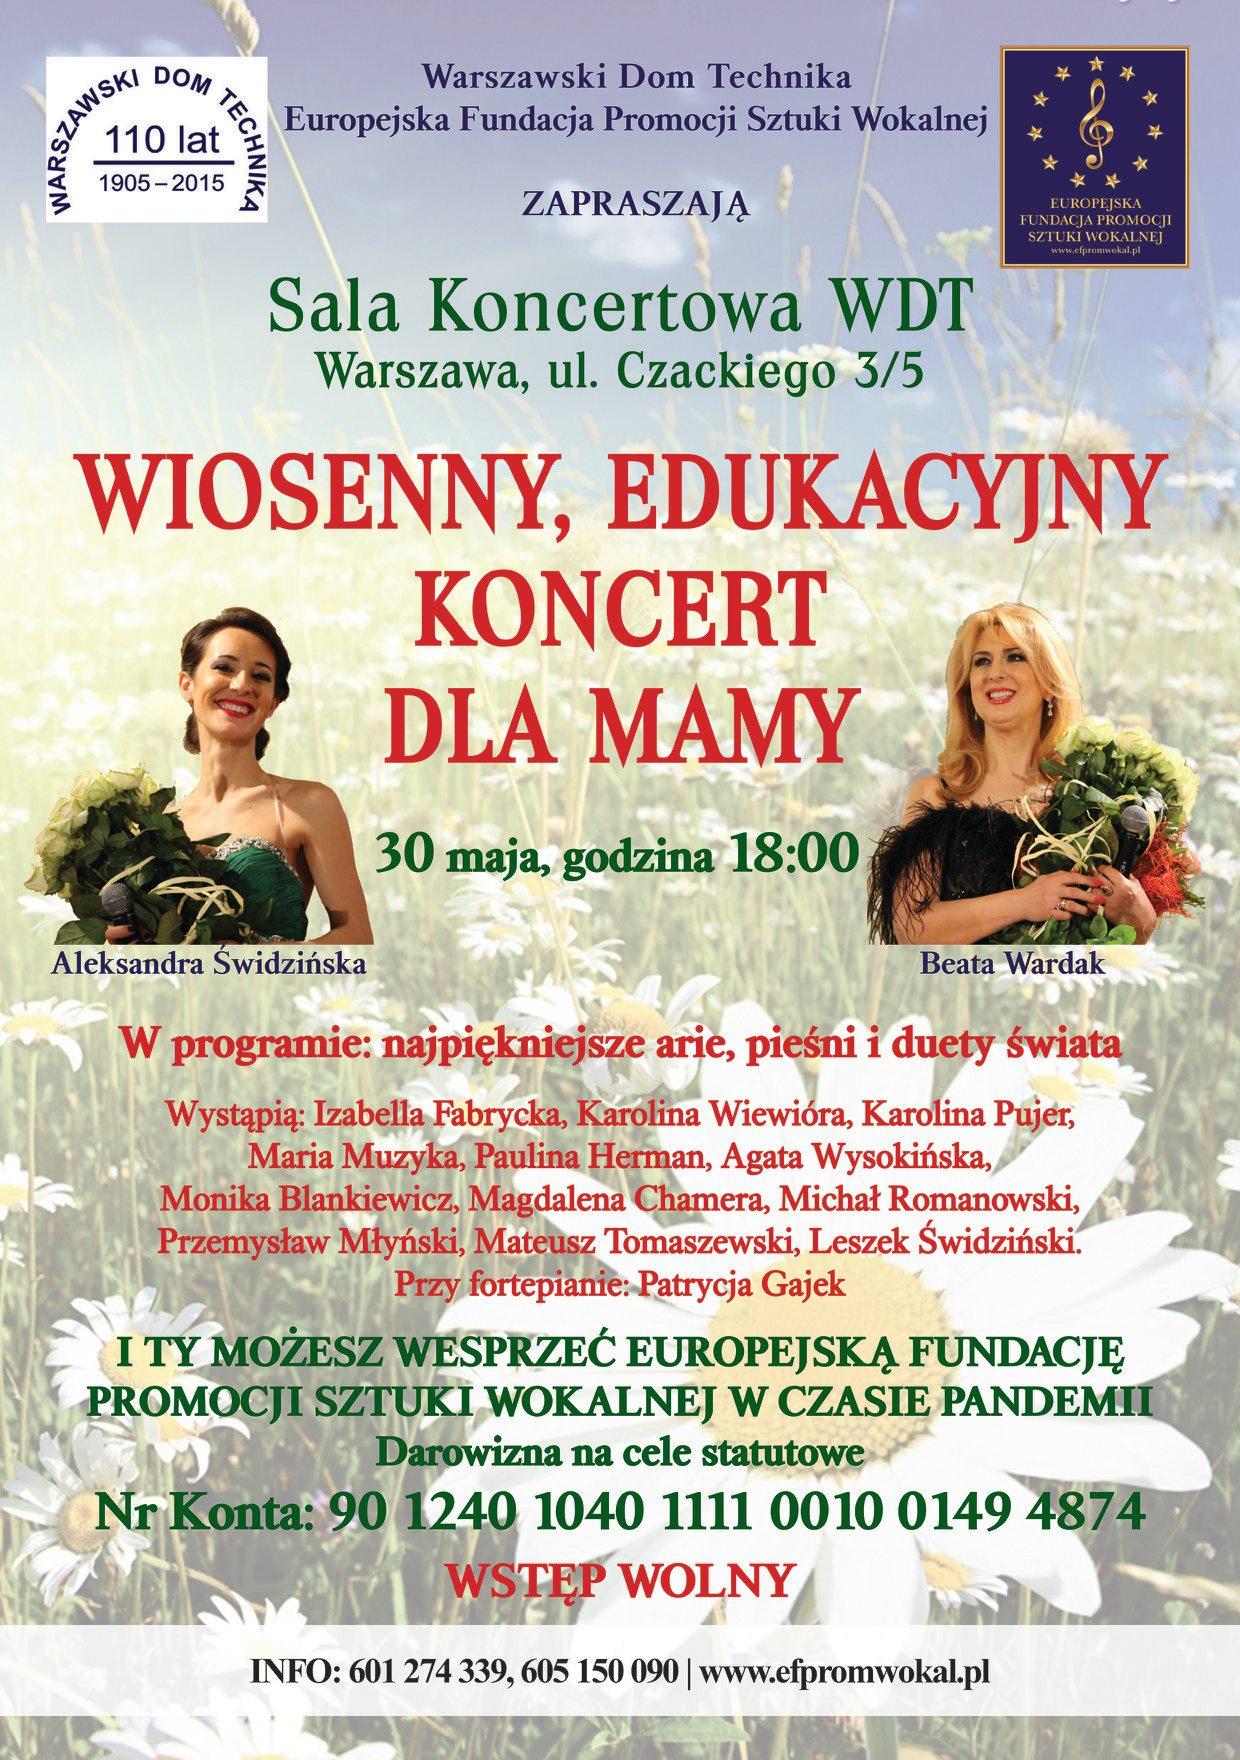 Zaproszenie w imieniu Warszawski Dom Technika NOT na Wiosenny Koncert Edukacyjny